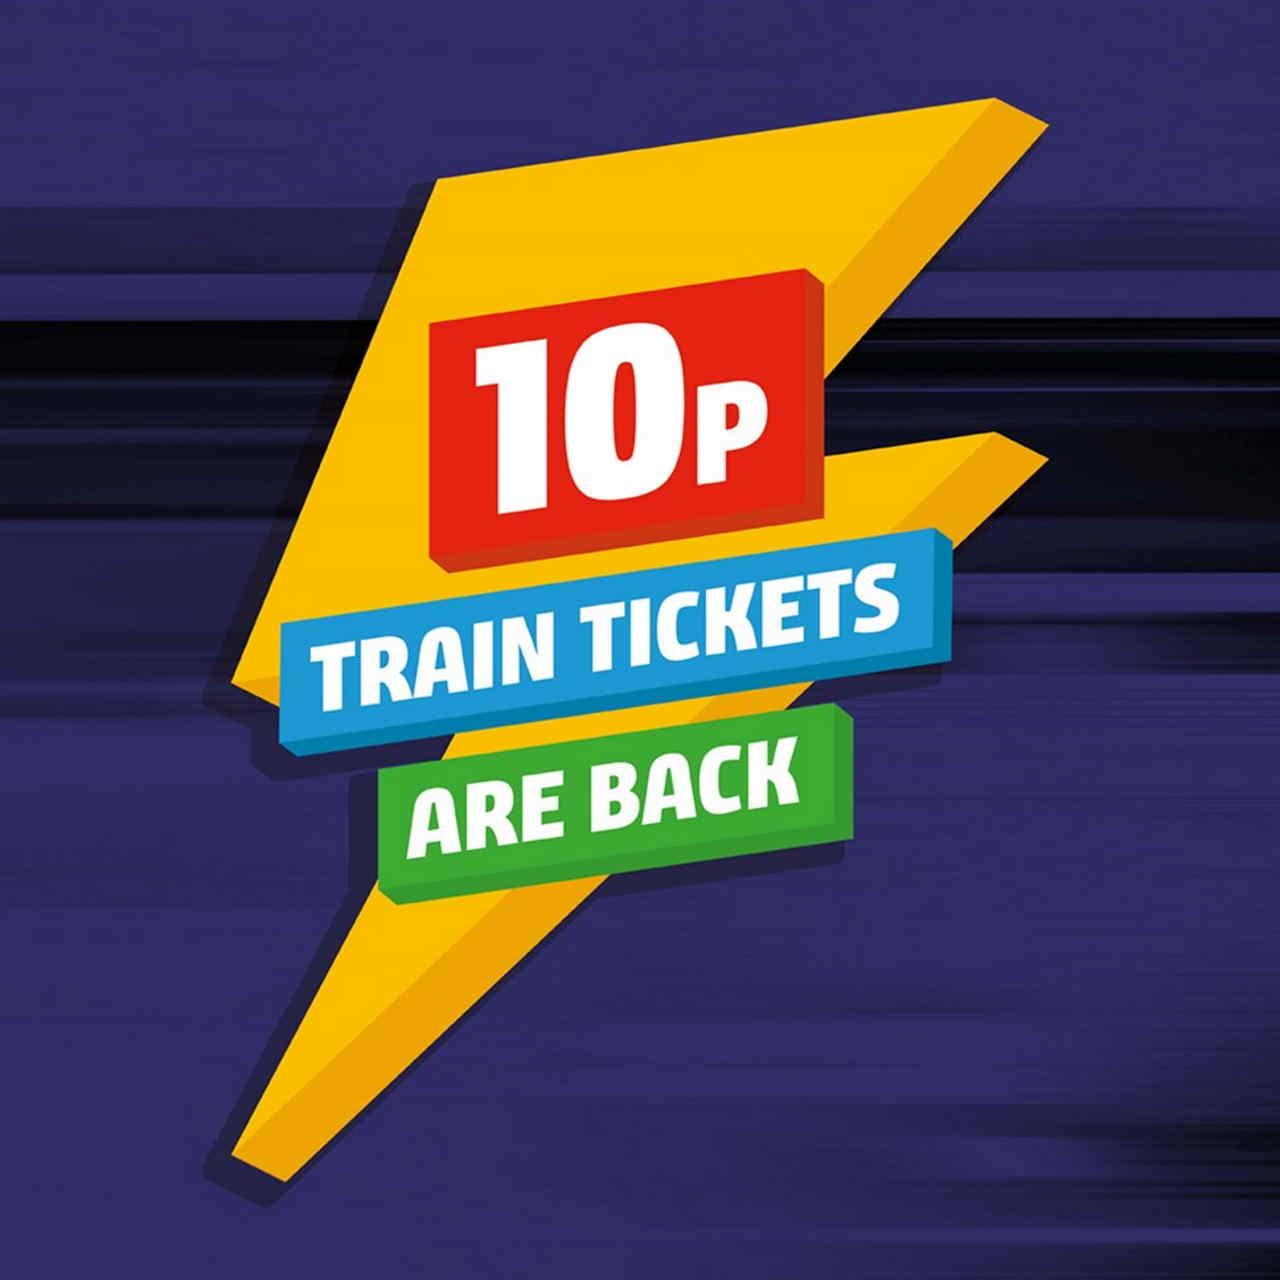 10p Northern train tickets sale